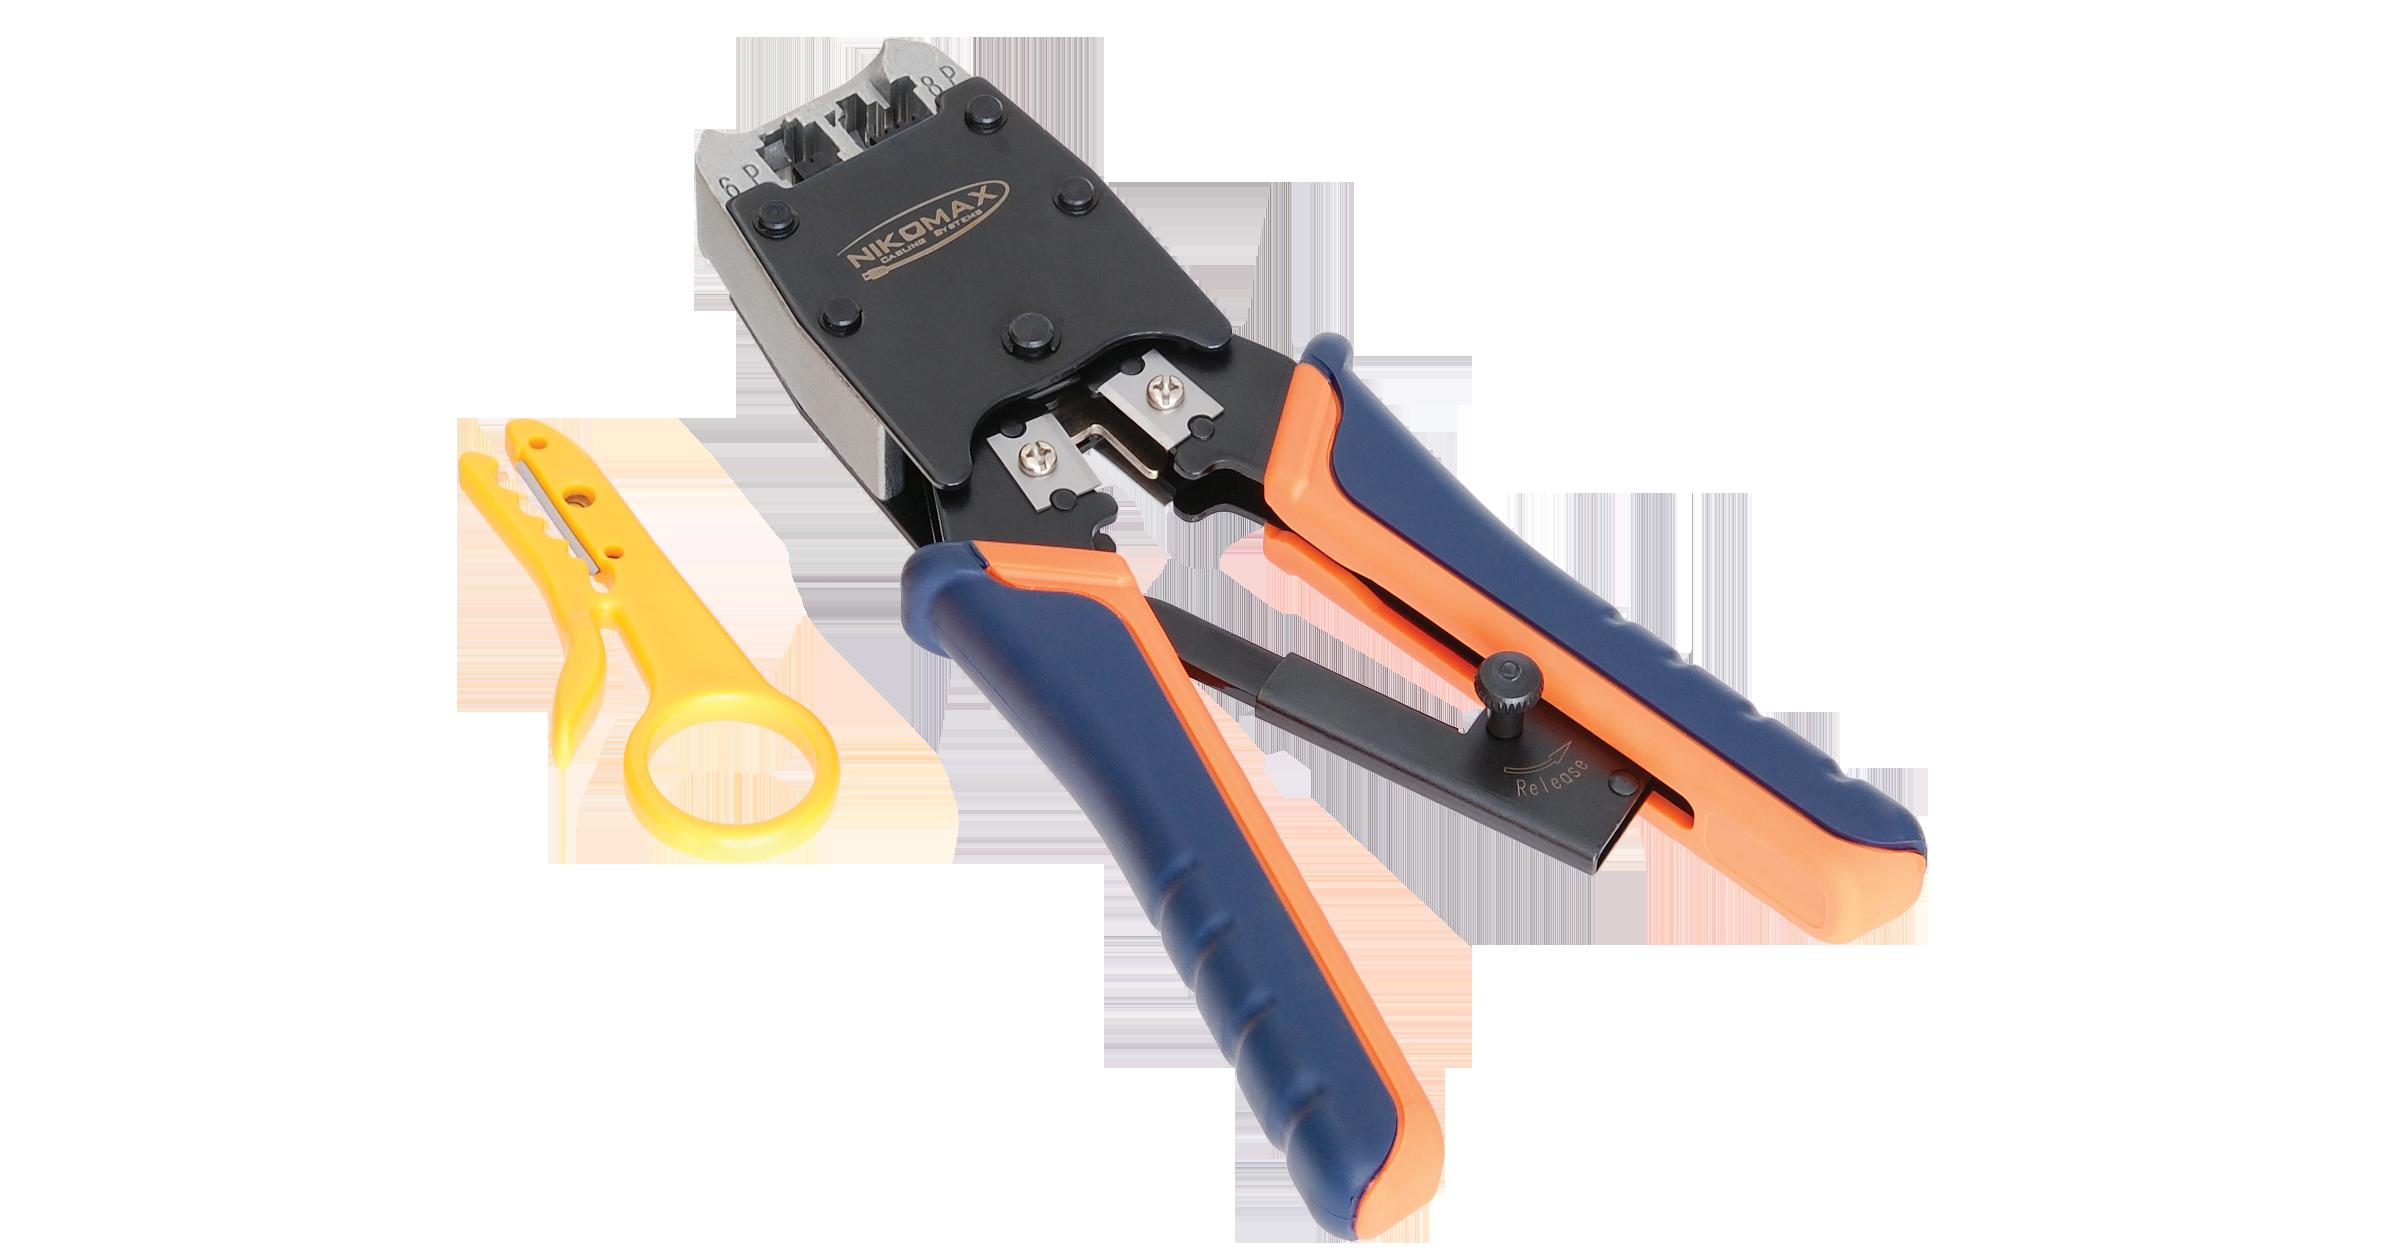 Инструмент NIKOMAX обжимной профессиональный, 2 гнезда, торцевой, с храповиком, совместим с коннекторами: RJ45/8P8C, RJ12/6P6C, RJ11/6P4C